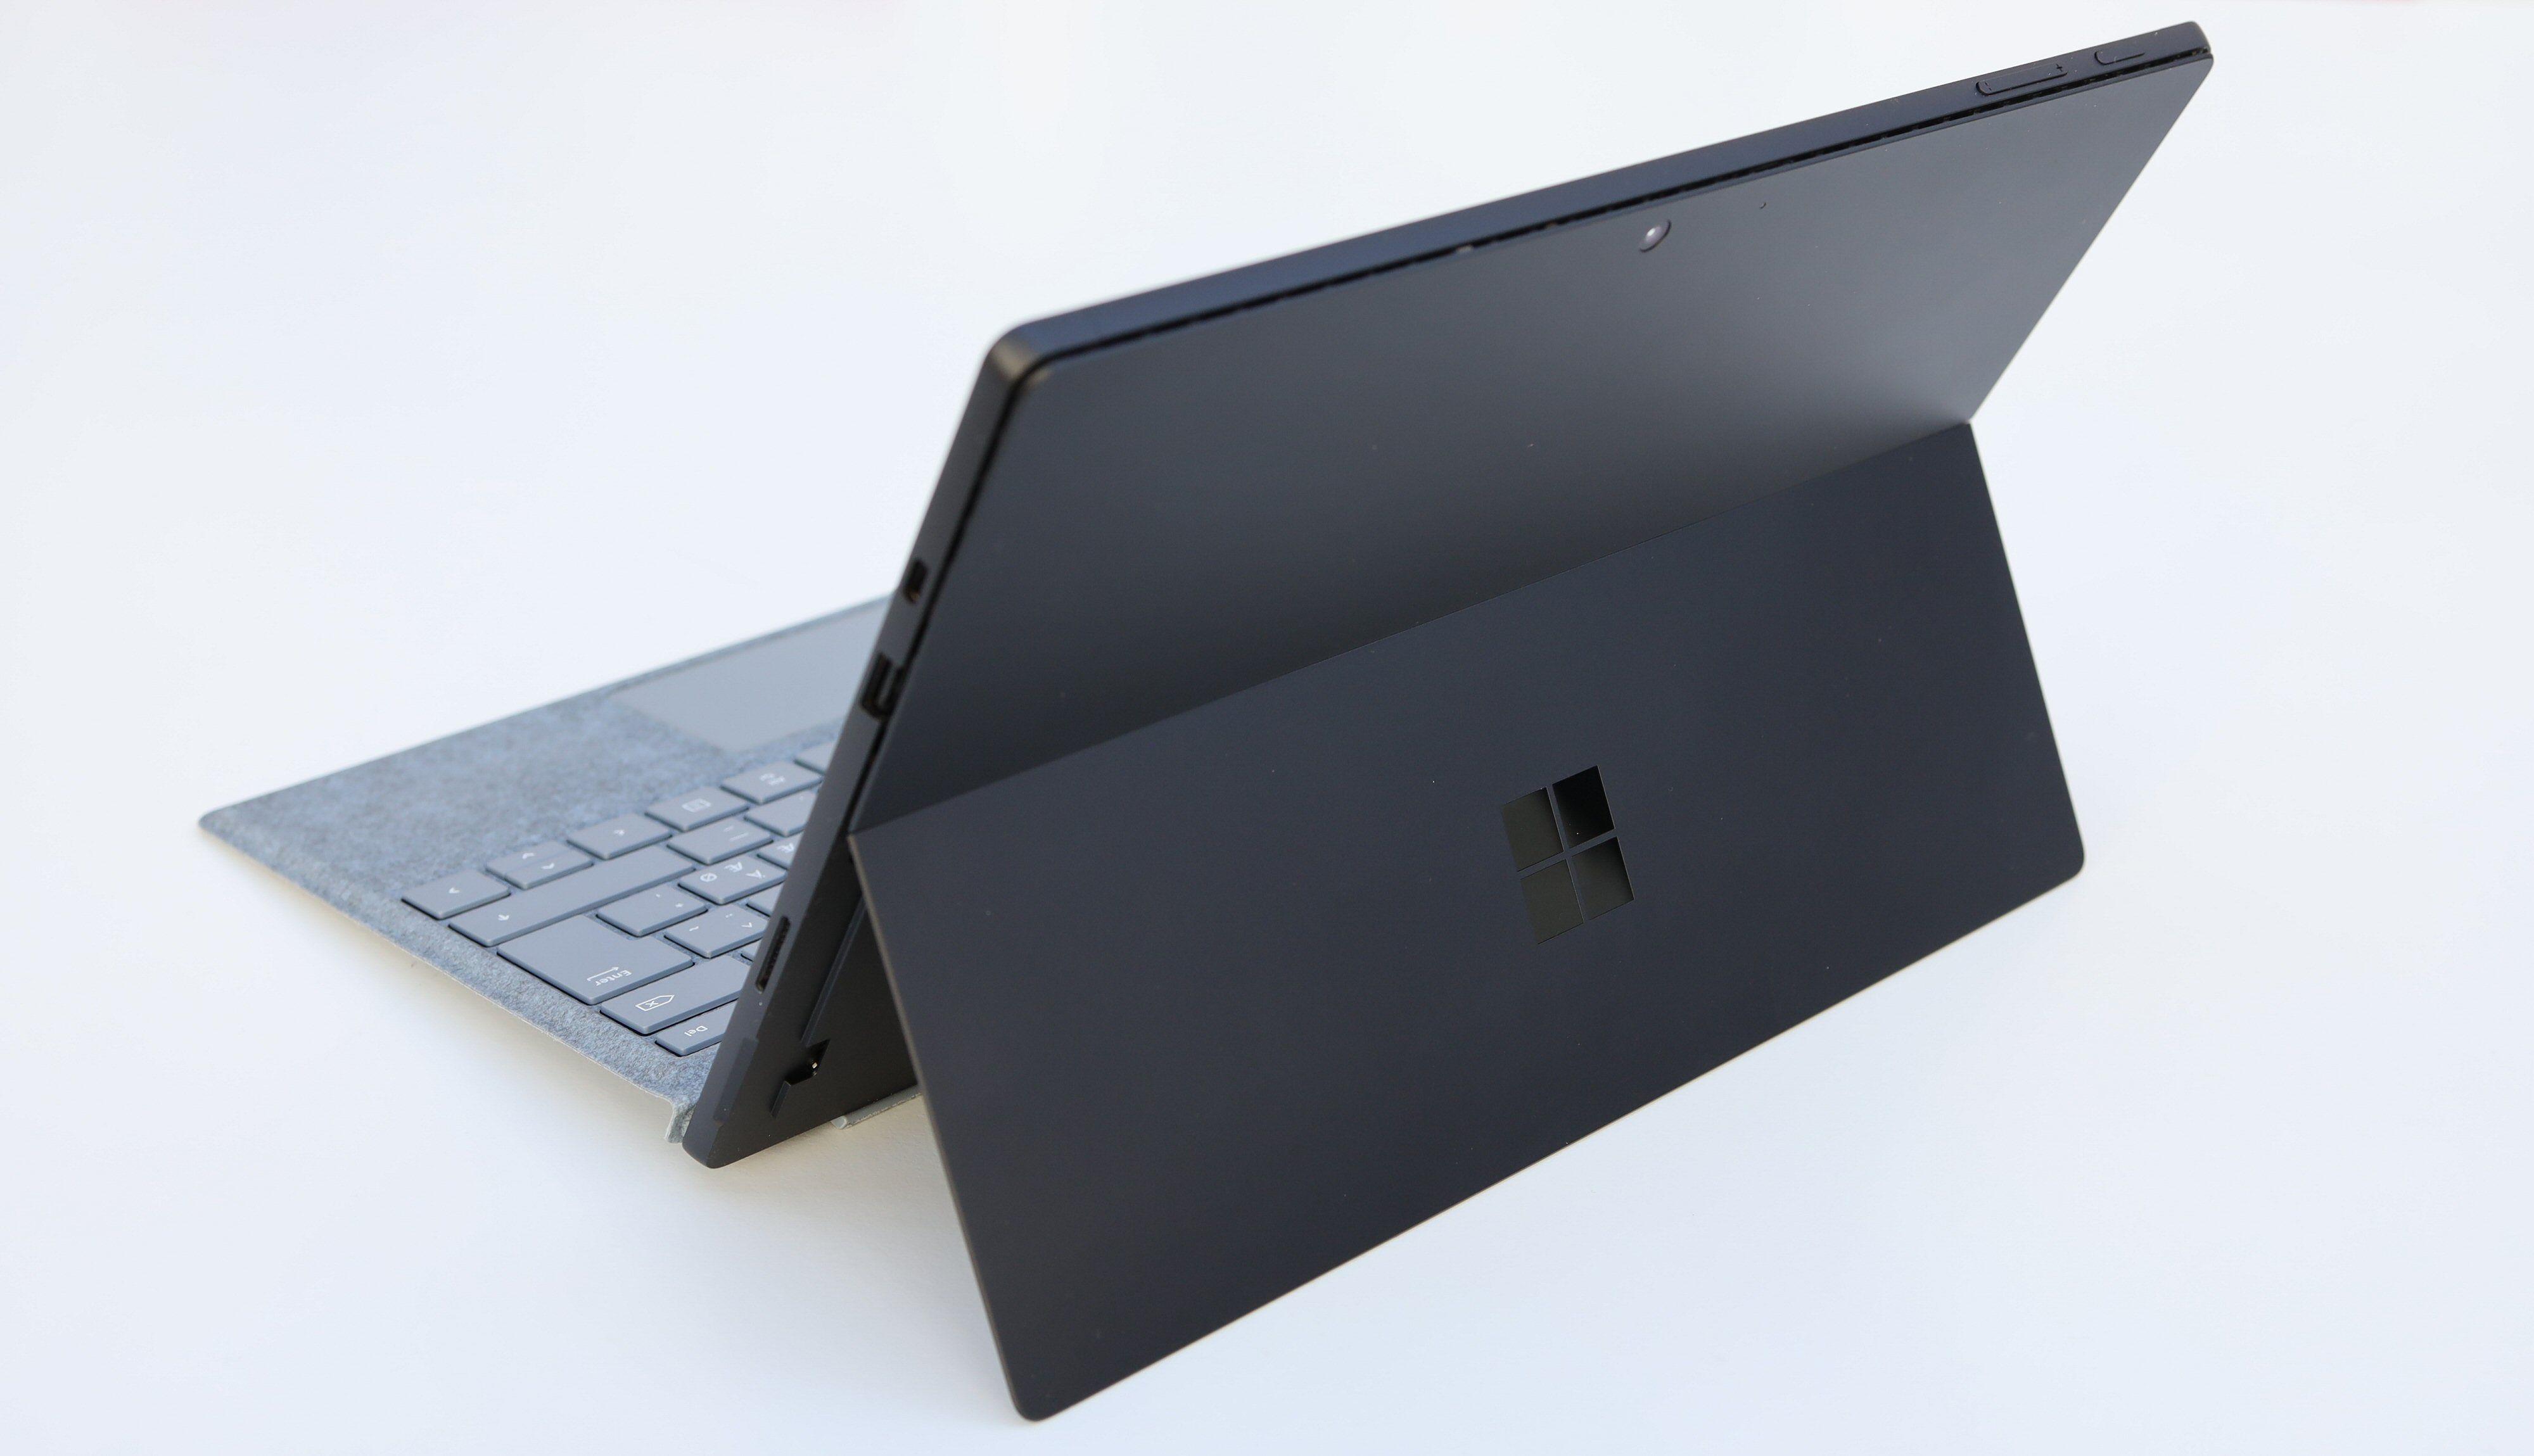 Støttebeinet kjennetegner de bærbare Surface-maskinene. Du skjønner poenget med dette når du skal bruke fingrene eller en penn rett på skjermen.